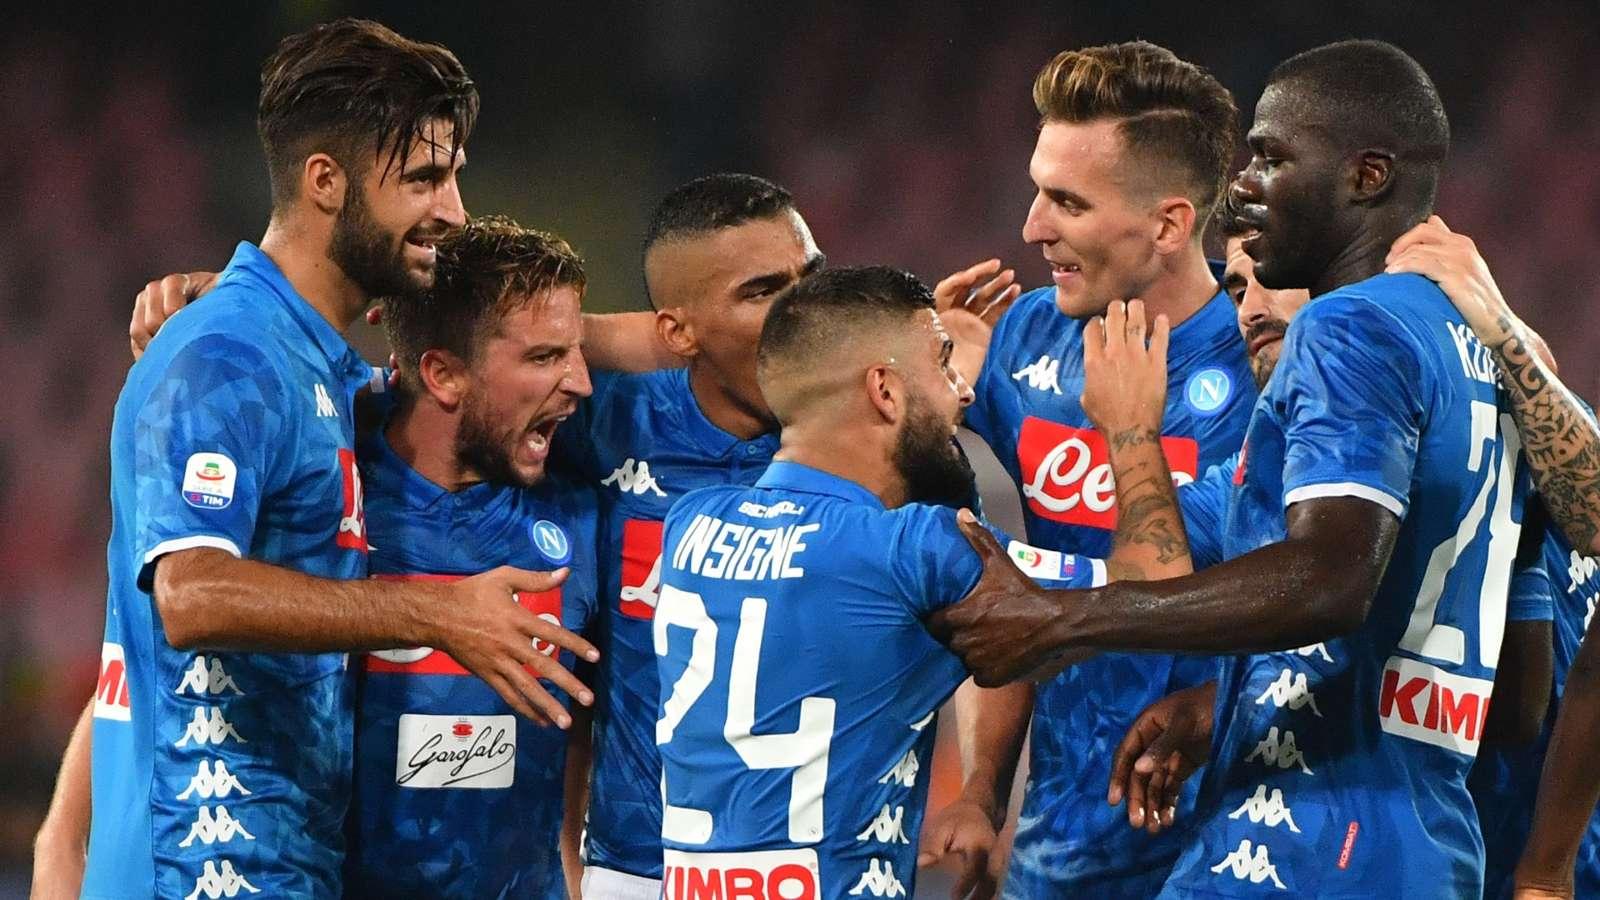 Napoli-Arsenal, Ancelotti super offensivo: Milik con Mertens e Insigne, fuori Fabian Ruiz - NAPOLI CALCIO